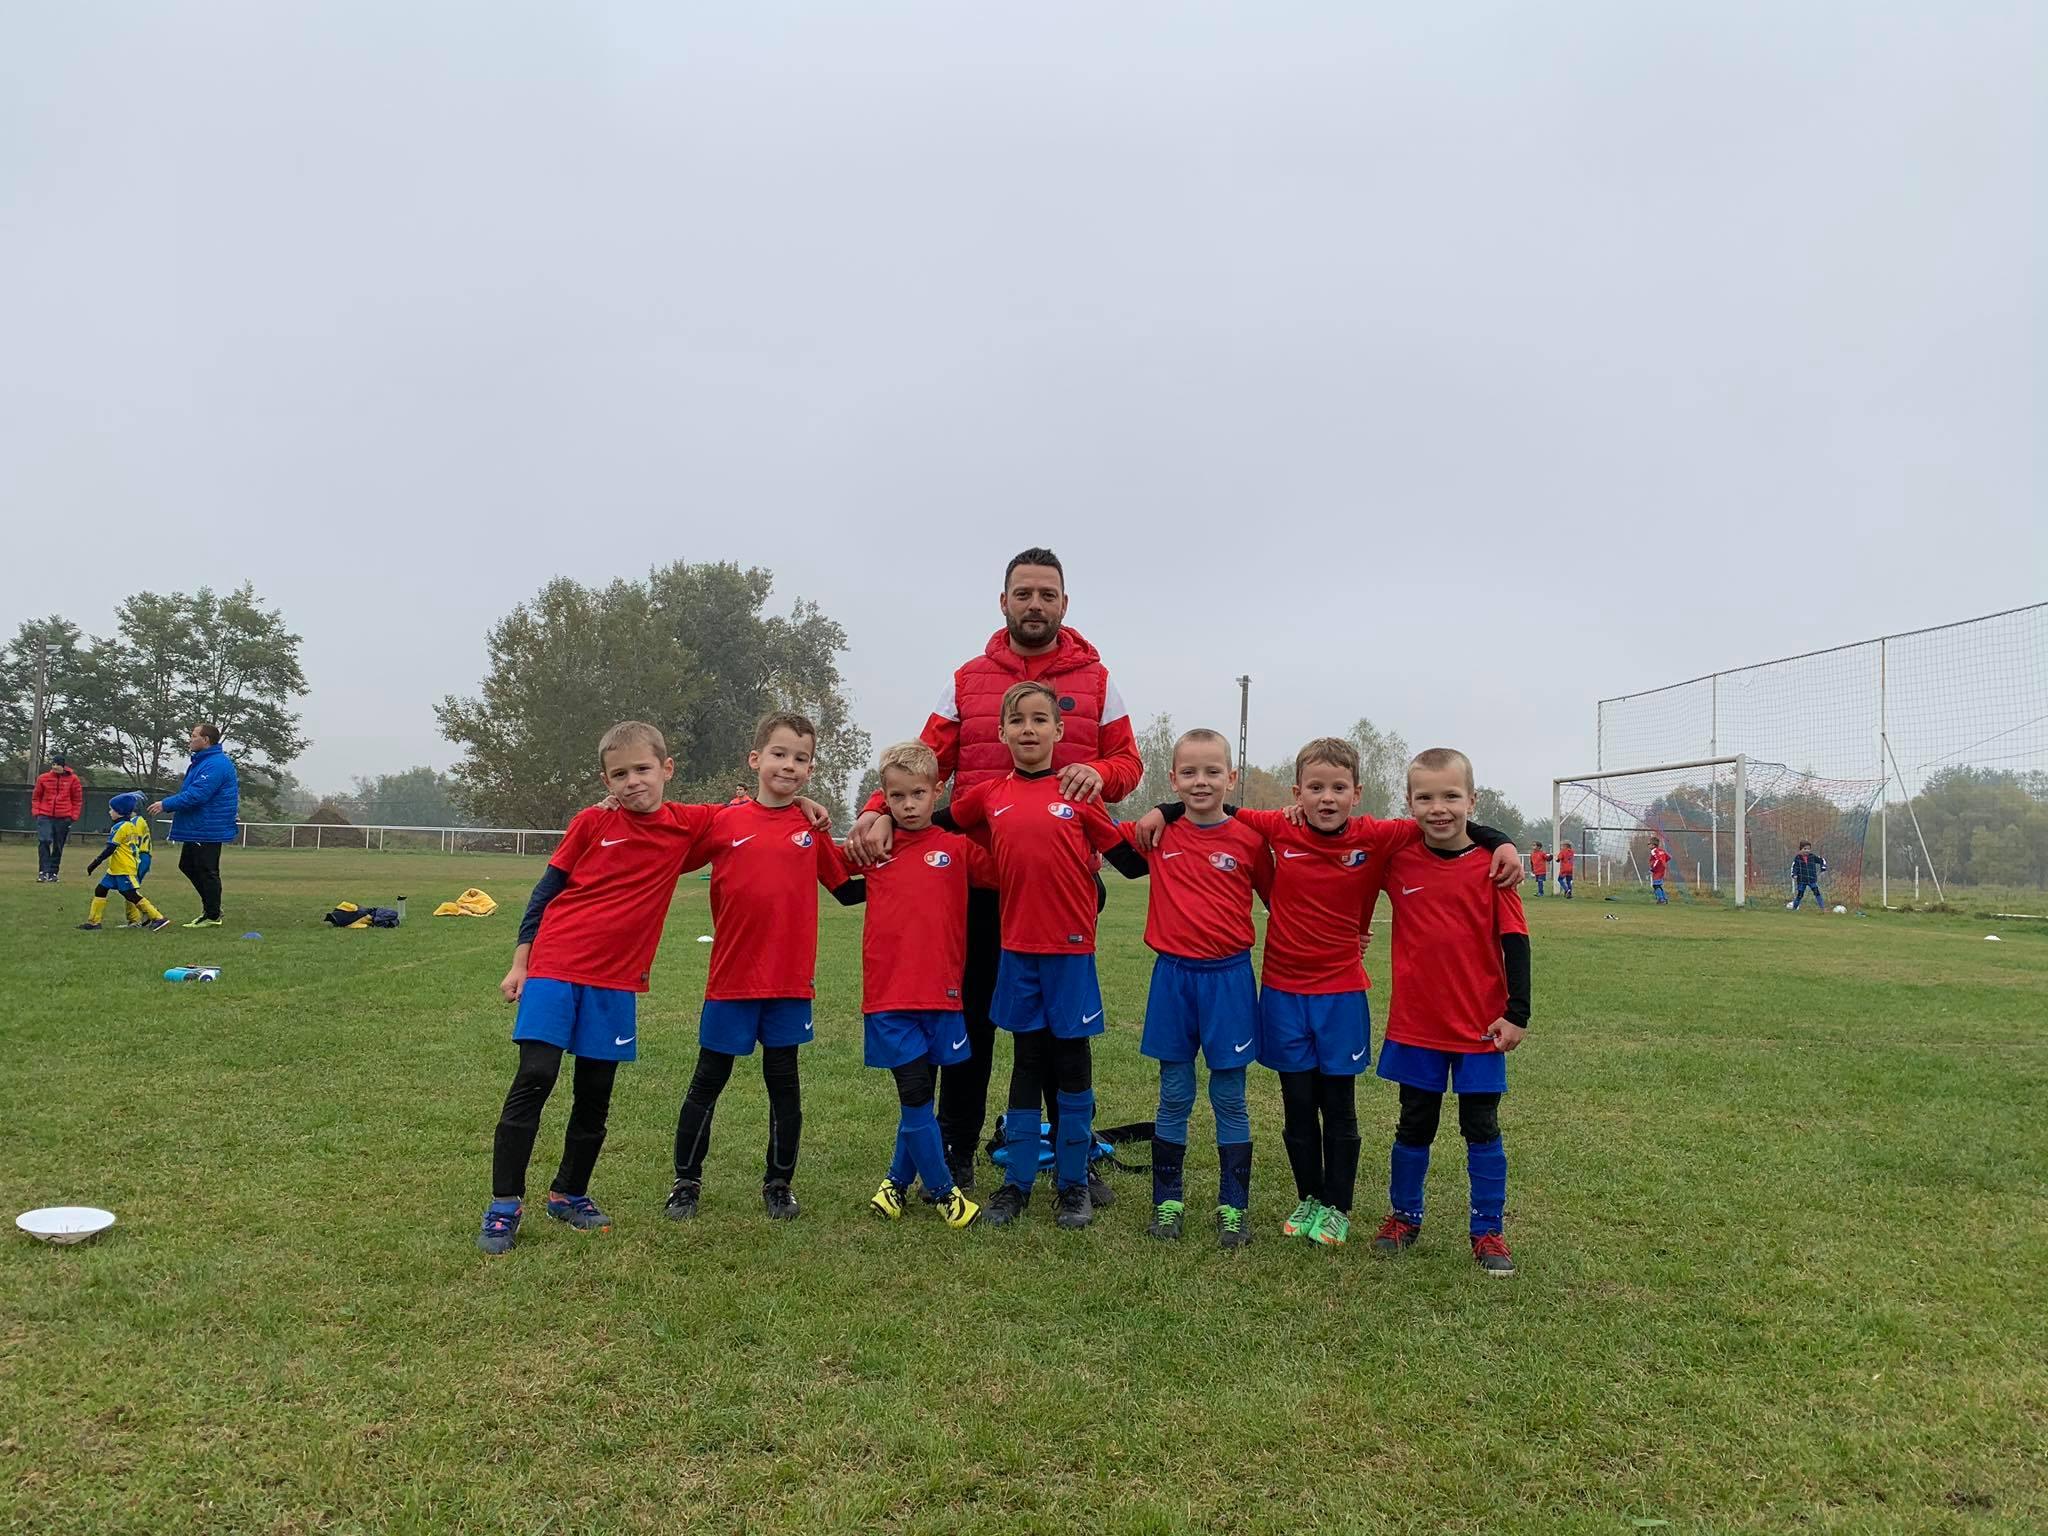 U7 – Kis csapatunk Sződön vettek rész focitornán